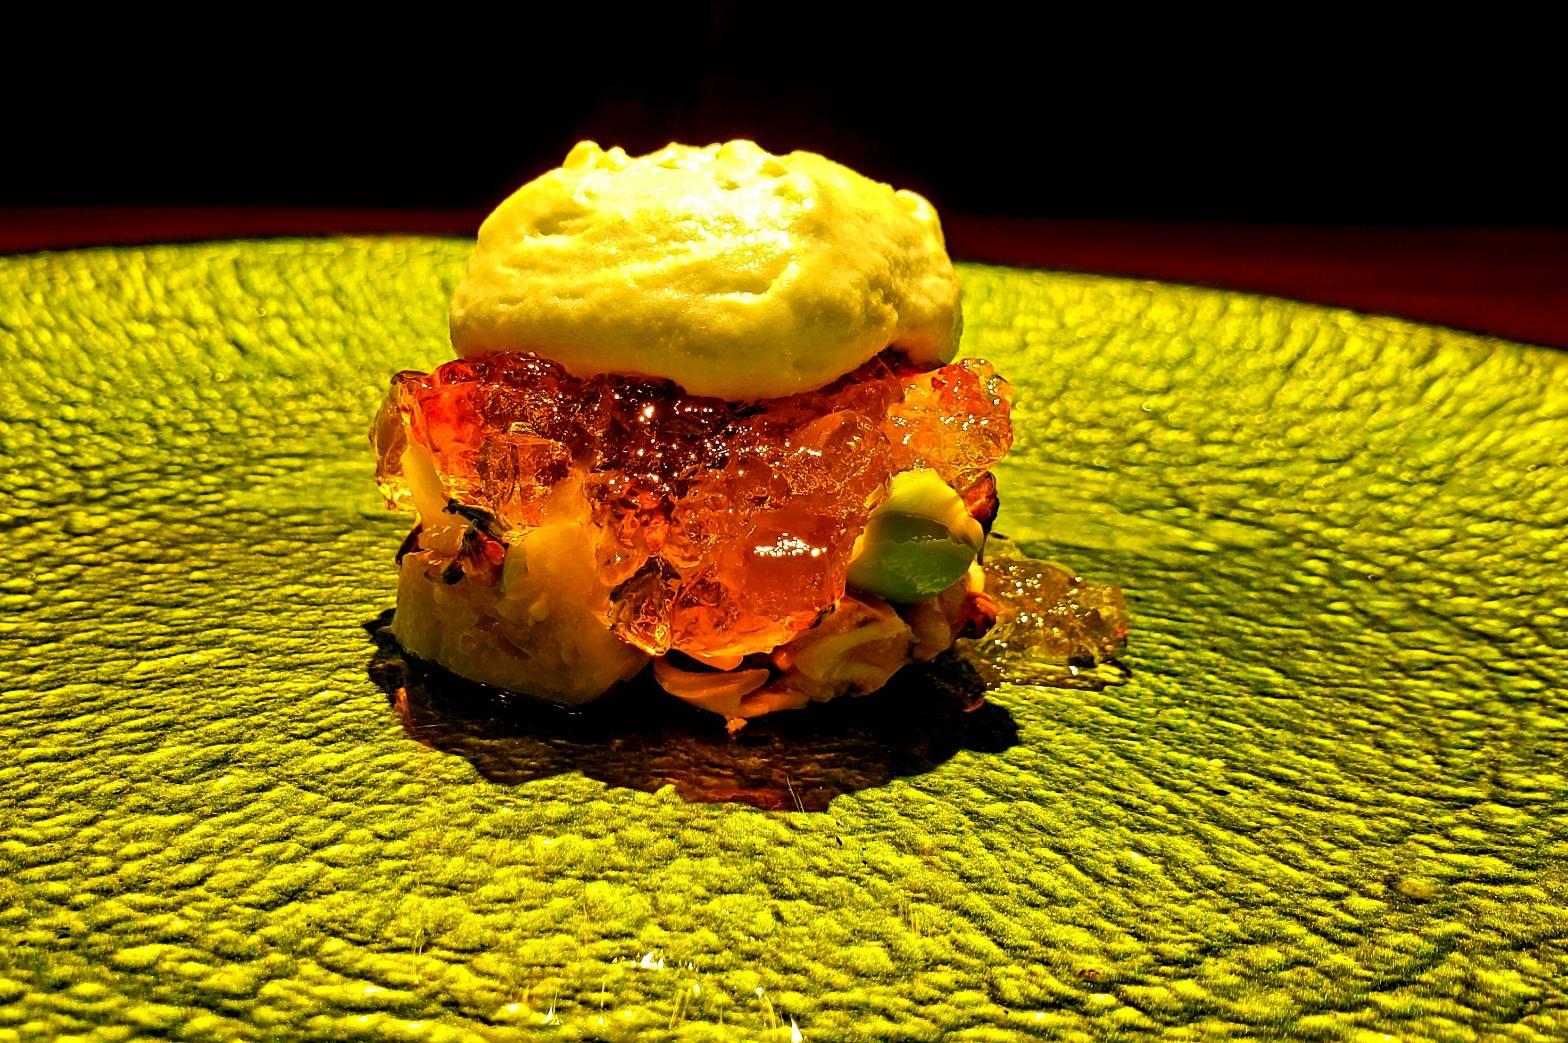 ムール貝のマリネ 帆立貝のポッシェ 揚げナスの煮浸し オマール海老 枝豆のエスプーマ